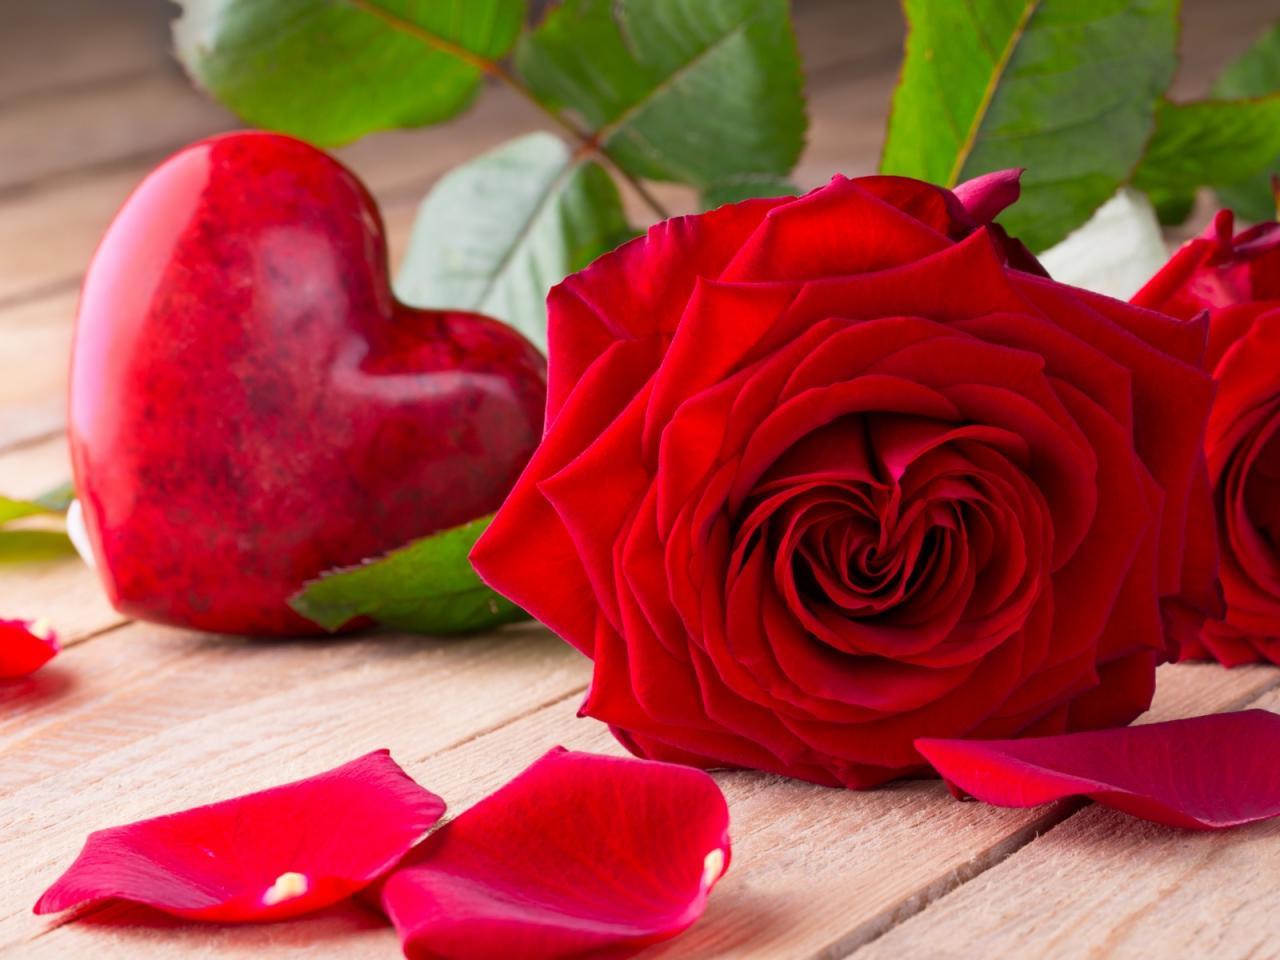 صورة صور اجمل الورود , صور ورود رائعه لم تشاهدوها من قبل